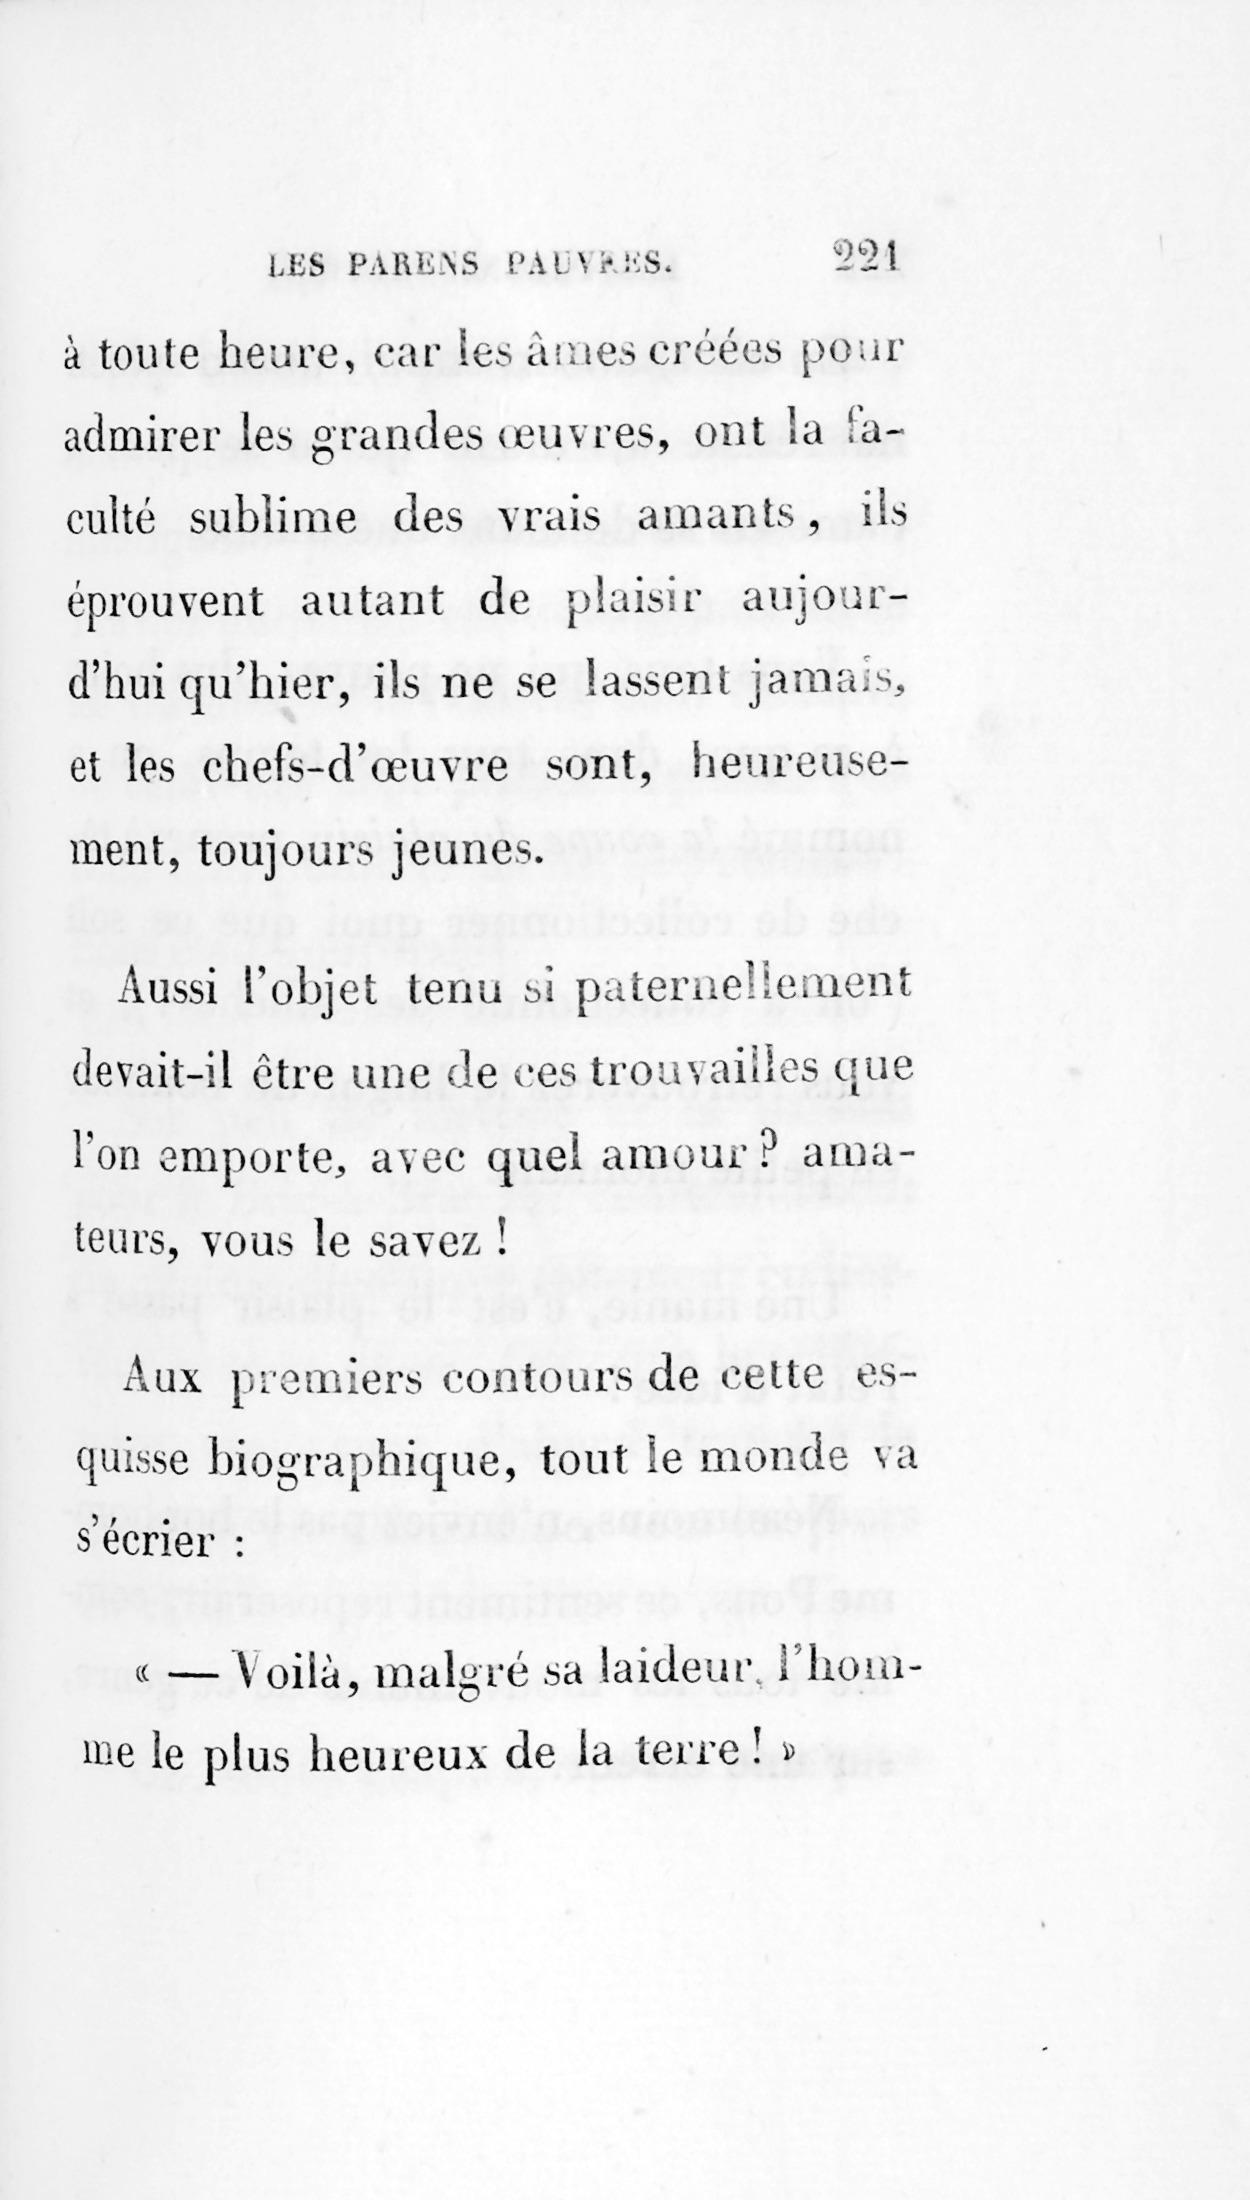 """24a5d8f055dff Comparaison des versions Pétion (1847) et Siècle (1847) de """"Le ..."""